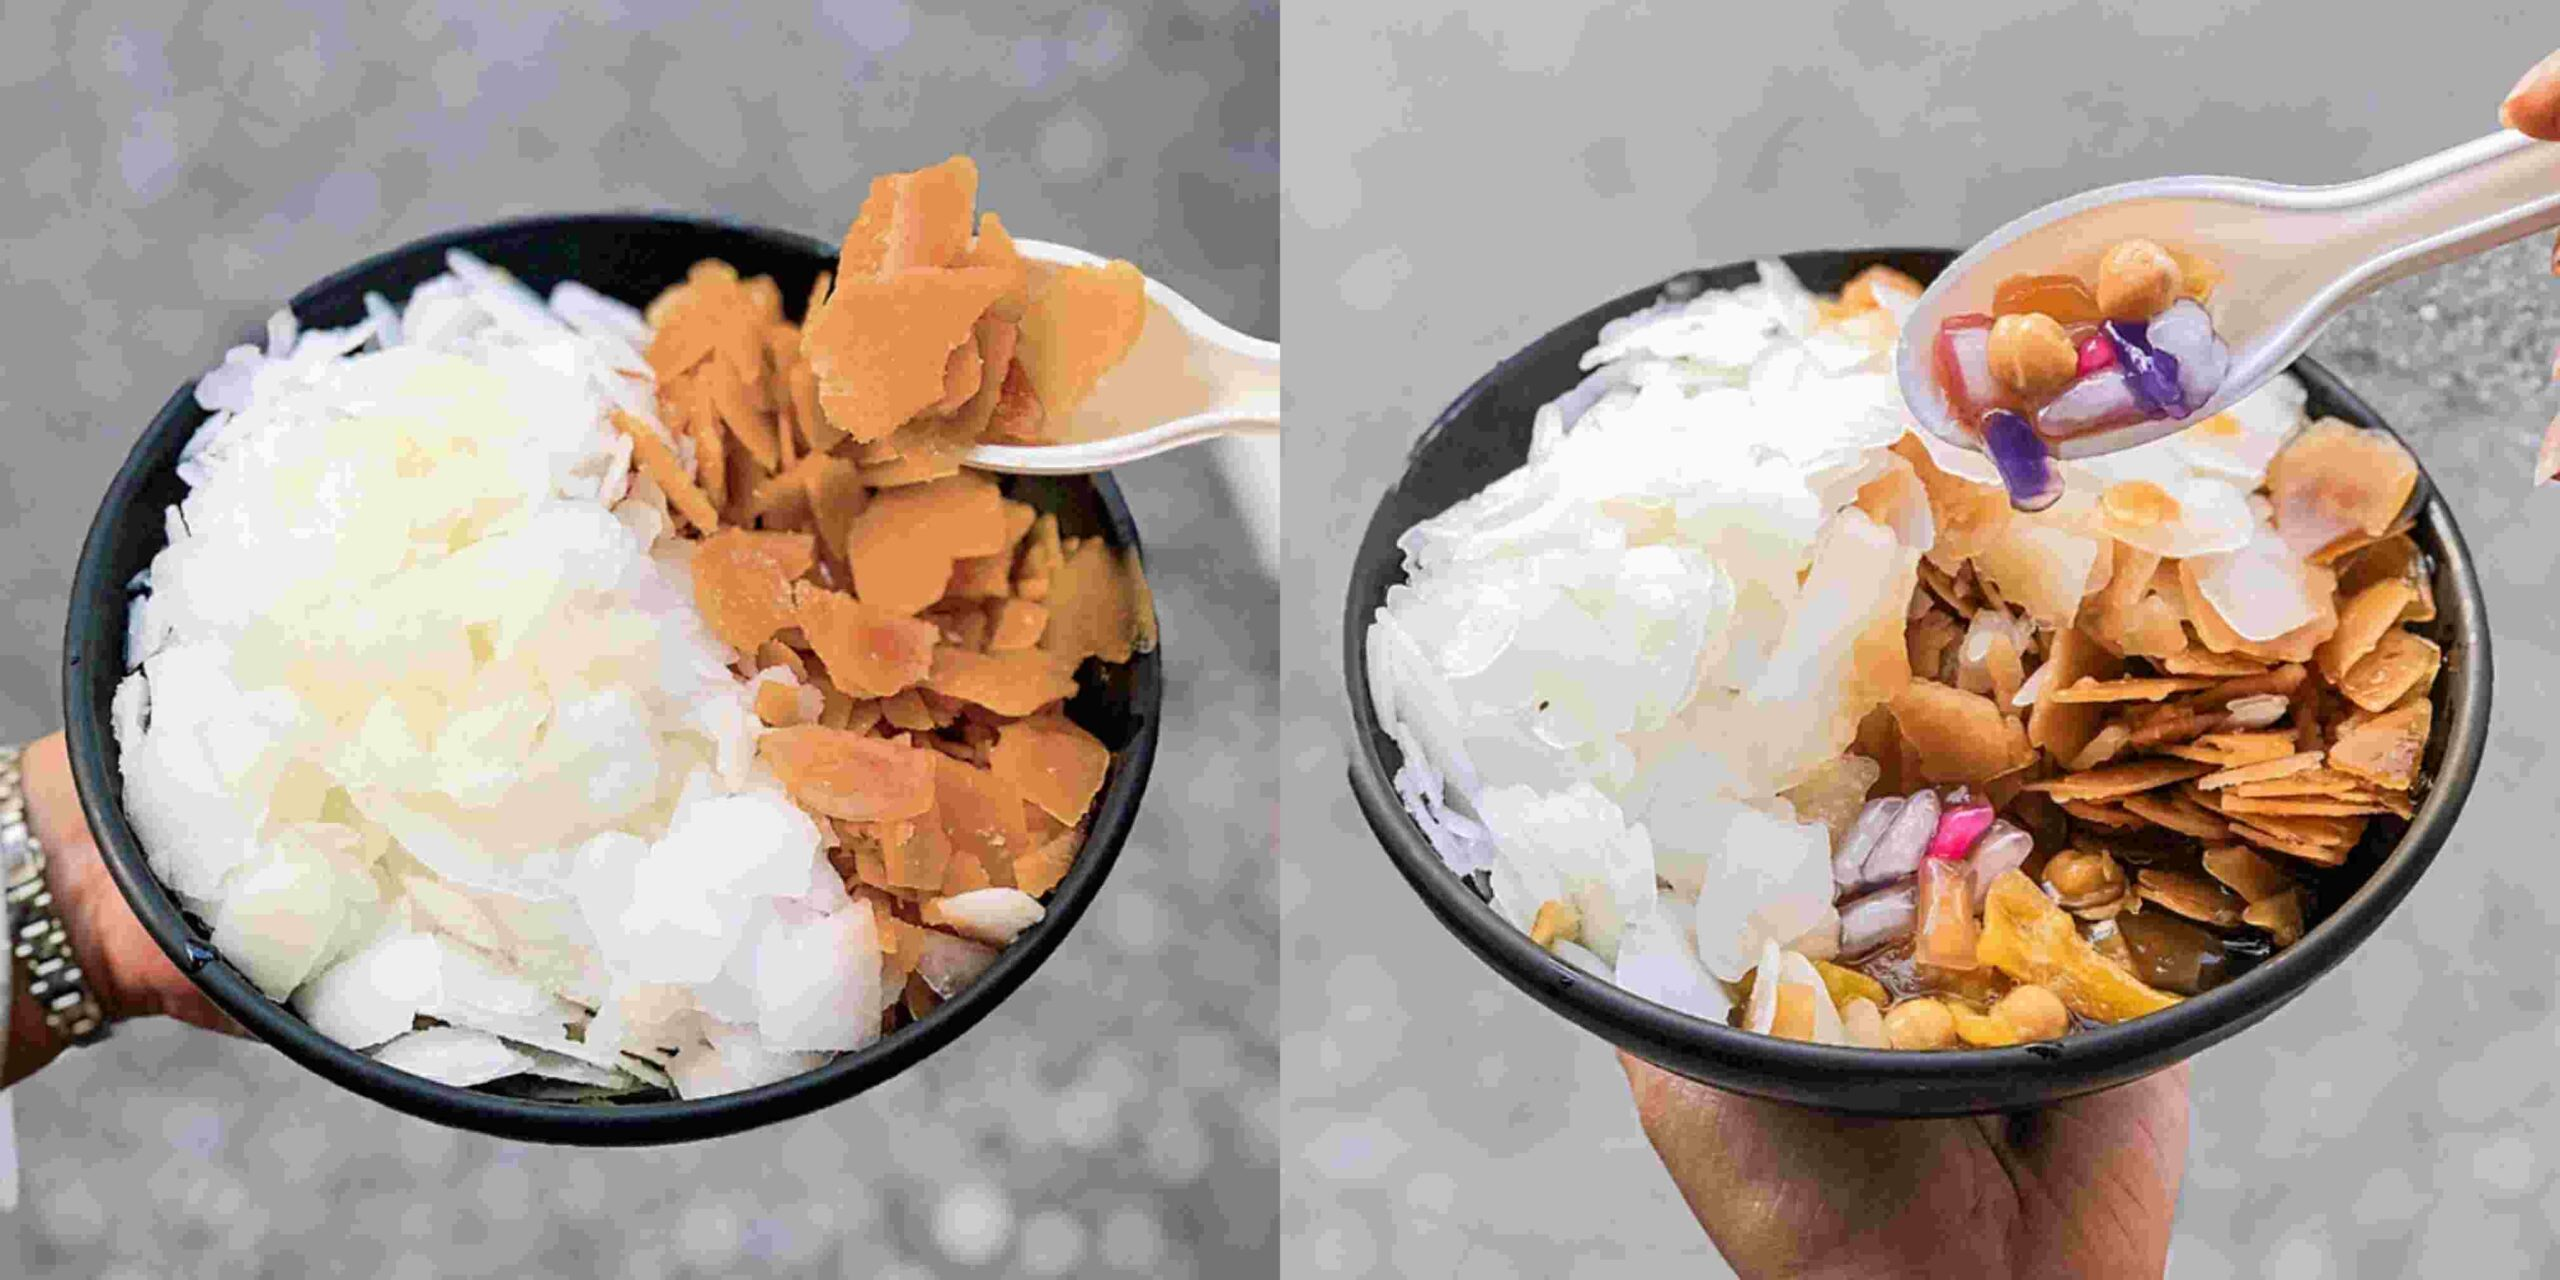 【新北冰品】嘉義紅心粉圓:夏季限定雪片檸檬冰VS熱賣款雪片黑糖冰 @女子的休假計劃